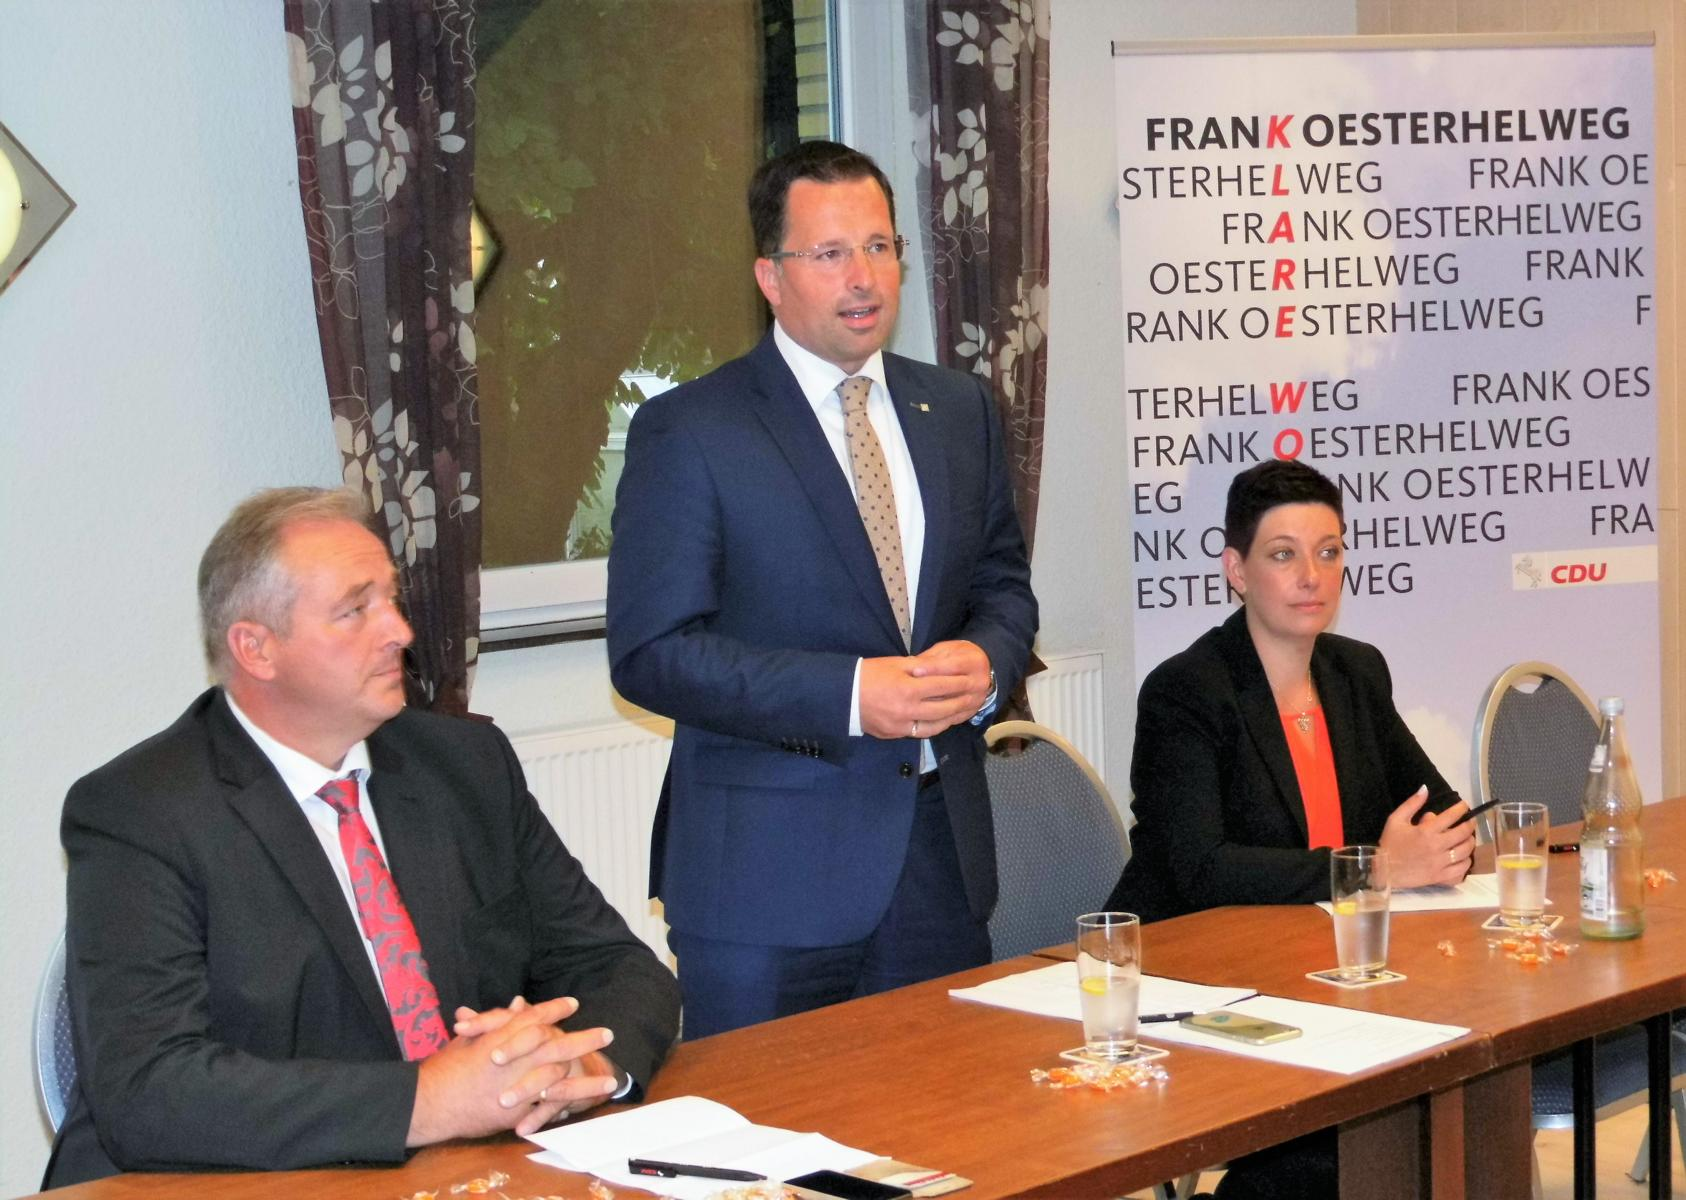 Das Impulsreferat von Kai Seefried (Mitte) als schulpolitischen Sprecher der CDU-Landtagsfraktion verfolgten aufmerksam Frank Oesterhelweg (CDU-Kreisvorsitzender) und Sarah Grabenhorst-Quidde (CDU-Landtagskandidatin).